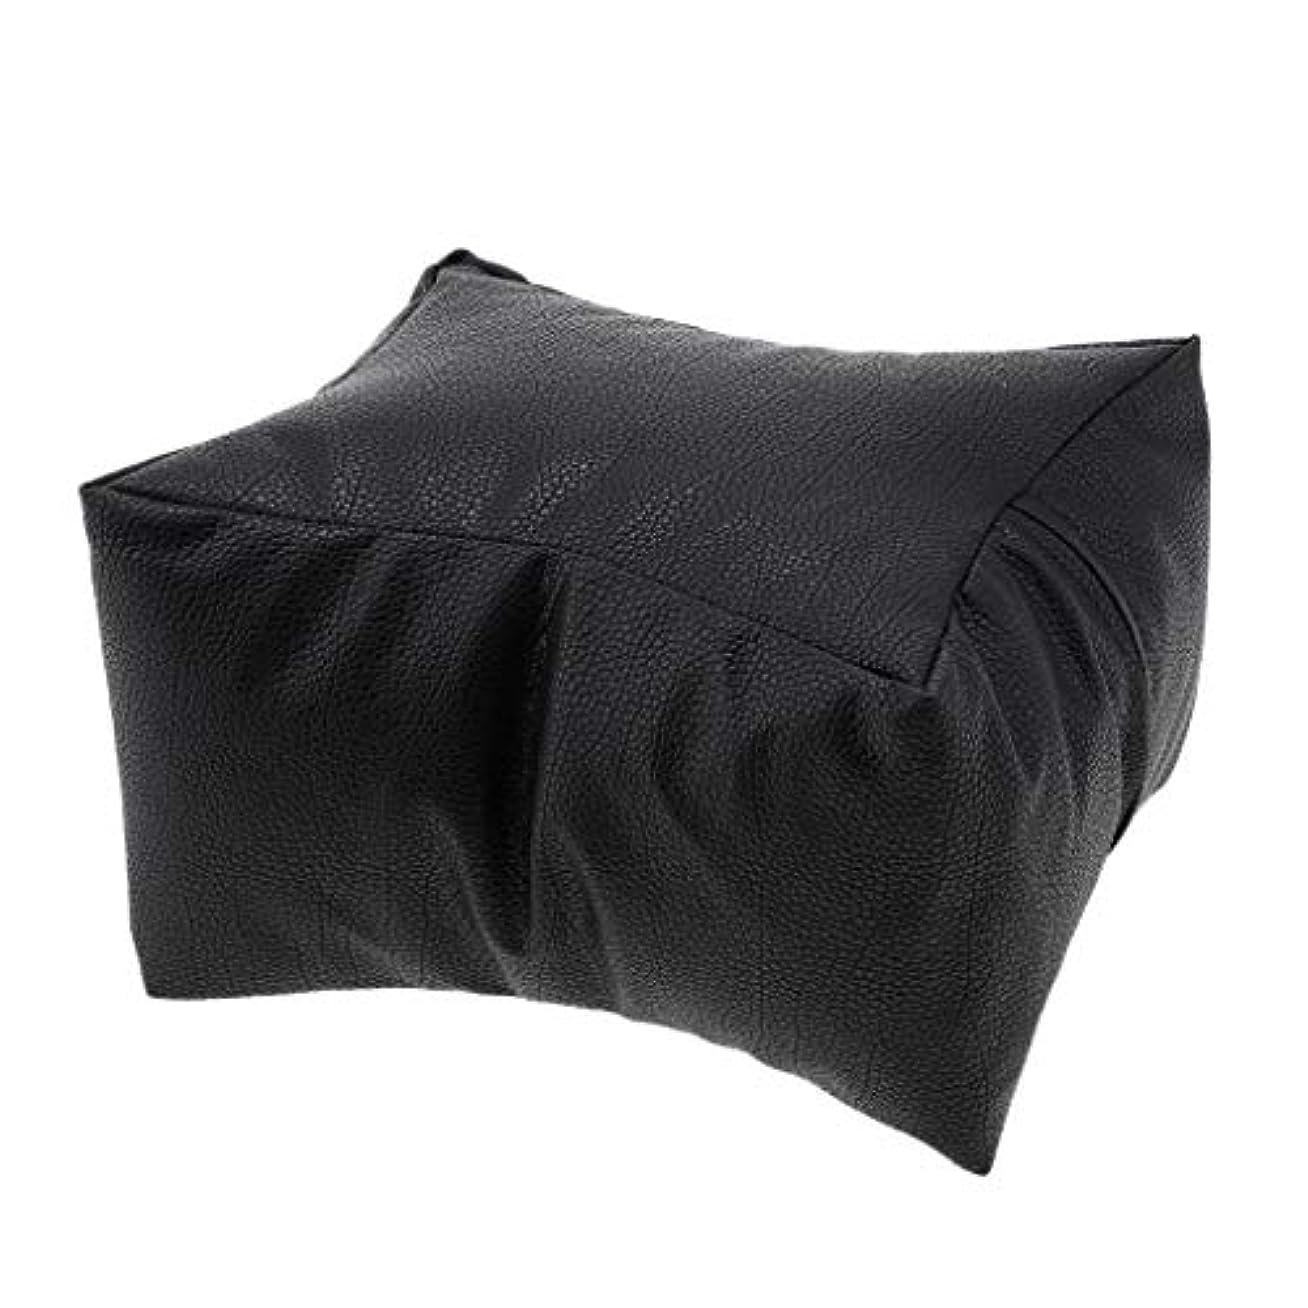 回転させる昼寝キノコToygogo 洗える手枕PUレザーアームレストクッションマニキュアツールサロン美容アクセサリー - ブラック